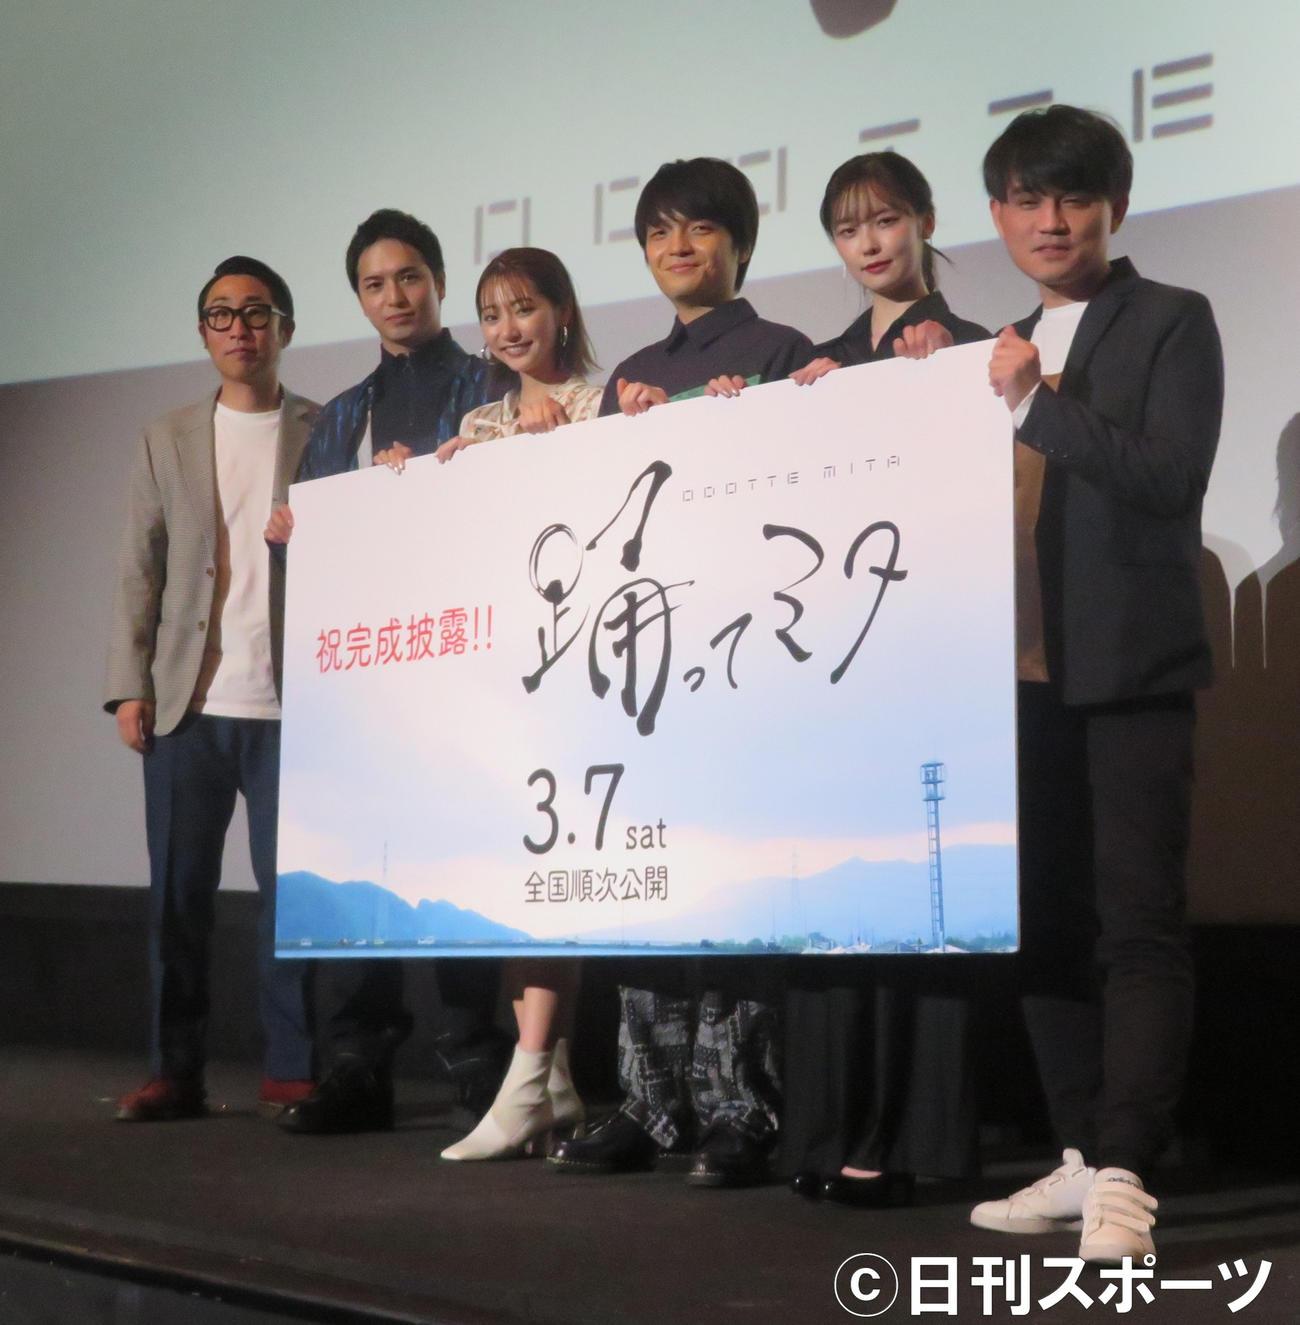 映画「踊ってミタ」完成披露舞台あいさつに出席した、左からゆってぃ、中村優一、武田玲奈、岡山天音、加藤小夏、飯塚俊光監督